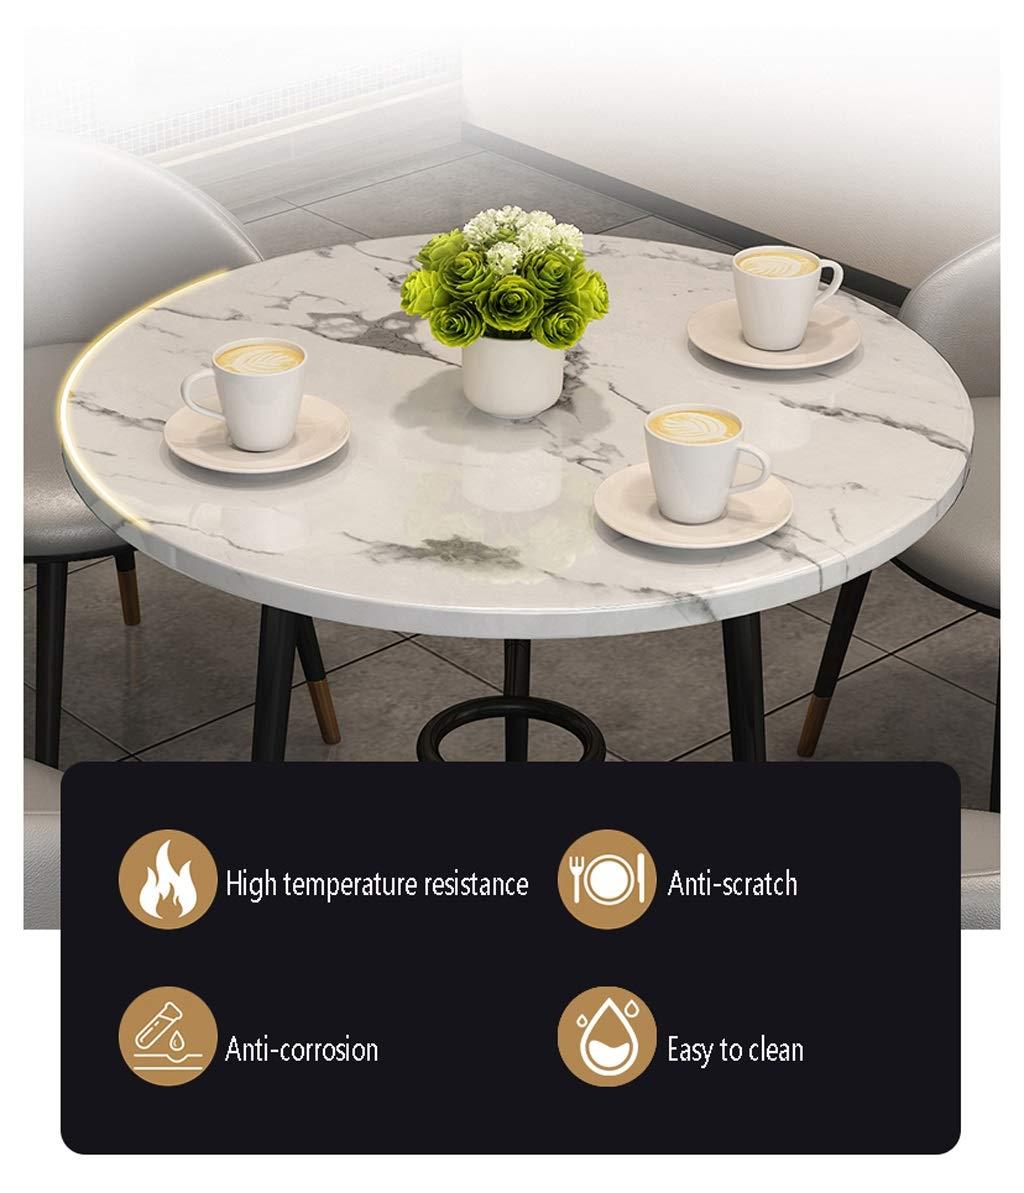 Bord och stolar köksset liten marmor rund bordsskiva metallben 3 konstläder stol kontor utomhus set fest pub hotell möte paus rum vardagsrum kök kafé restaurang Brun